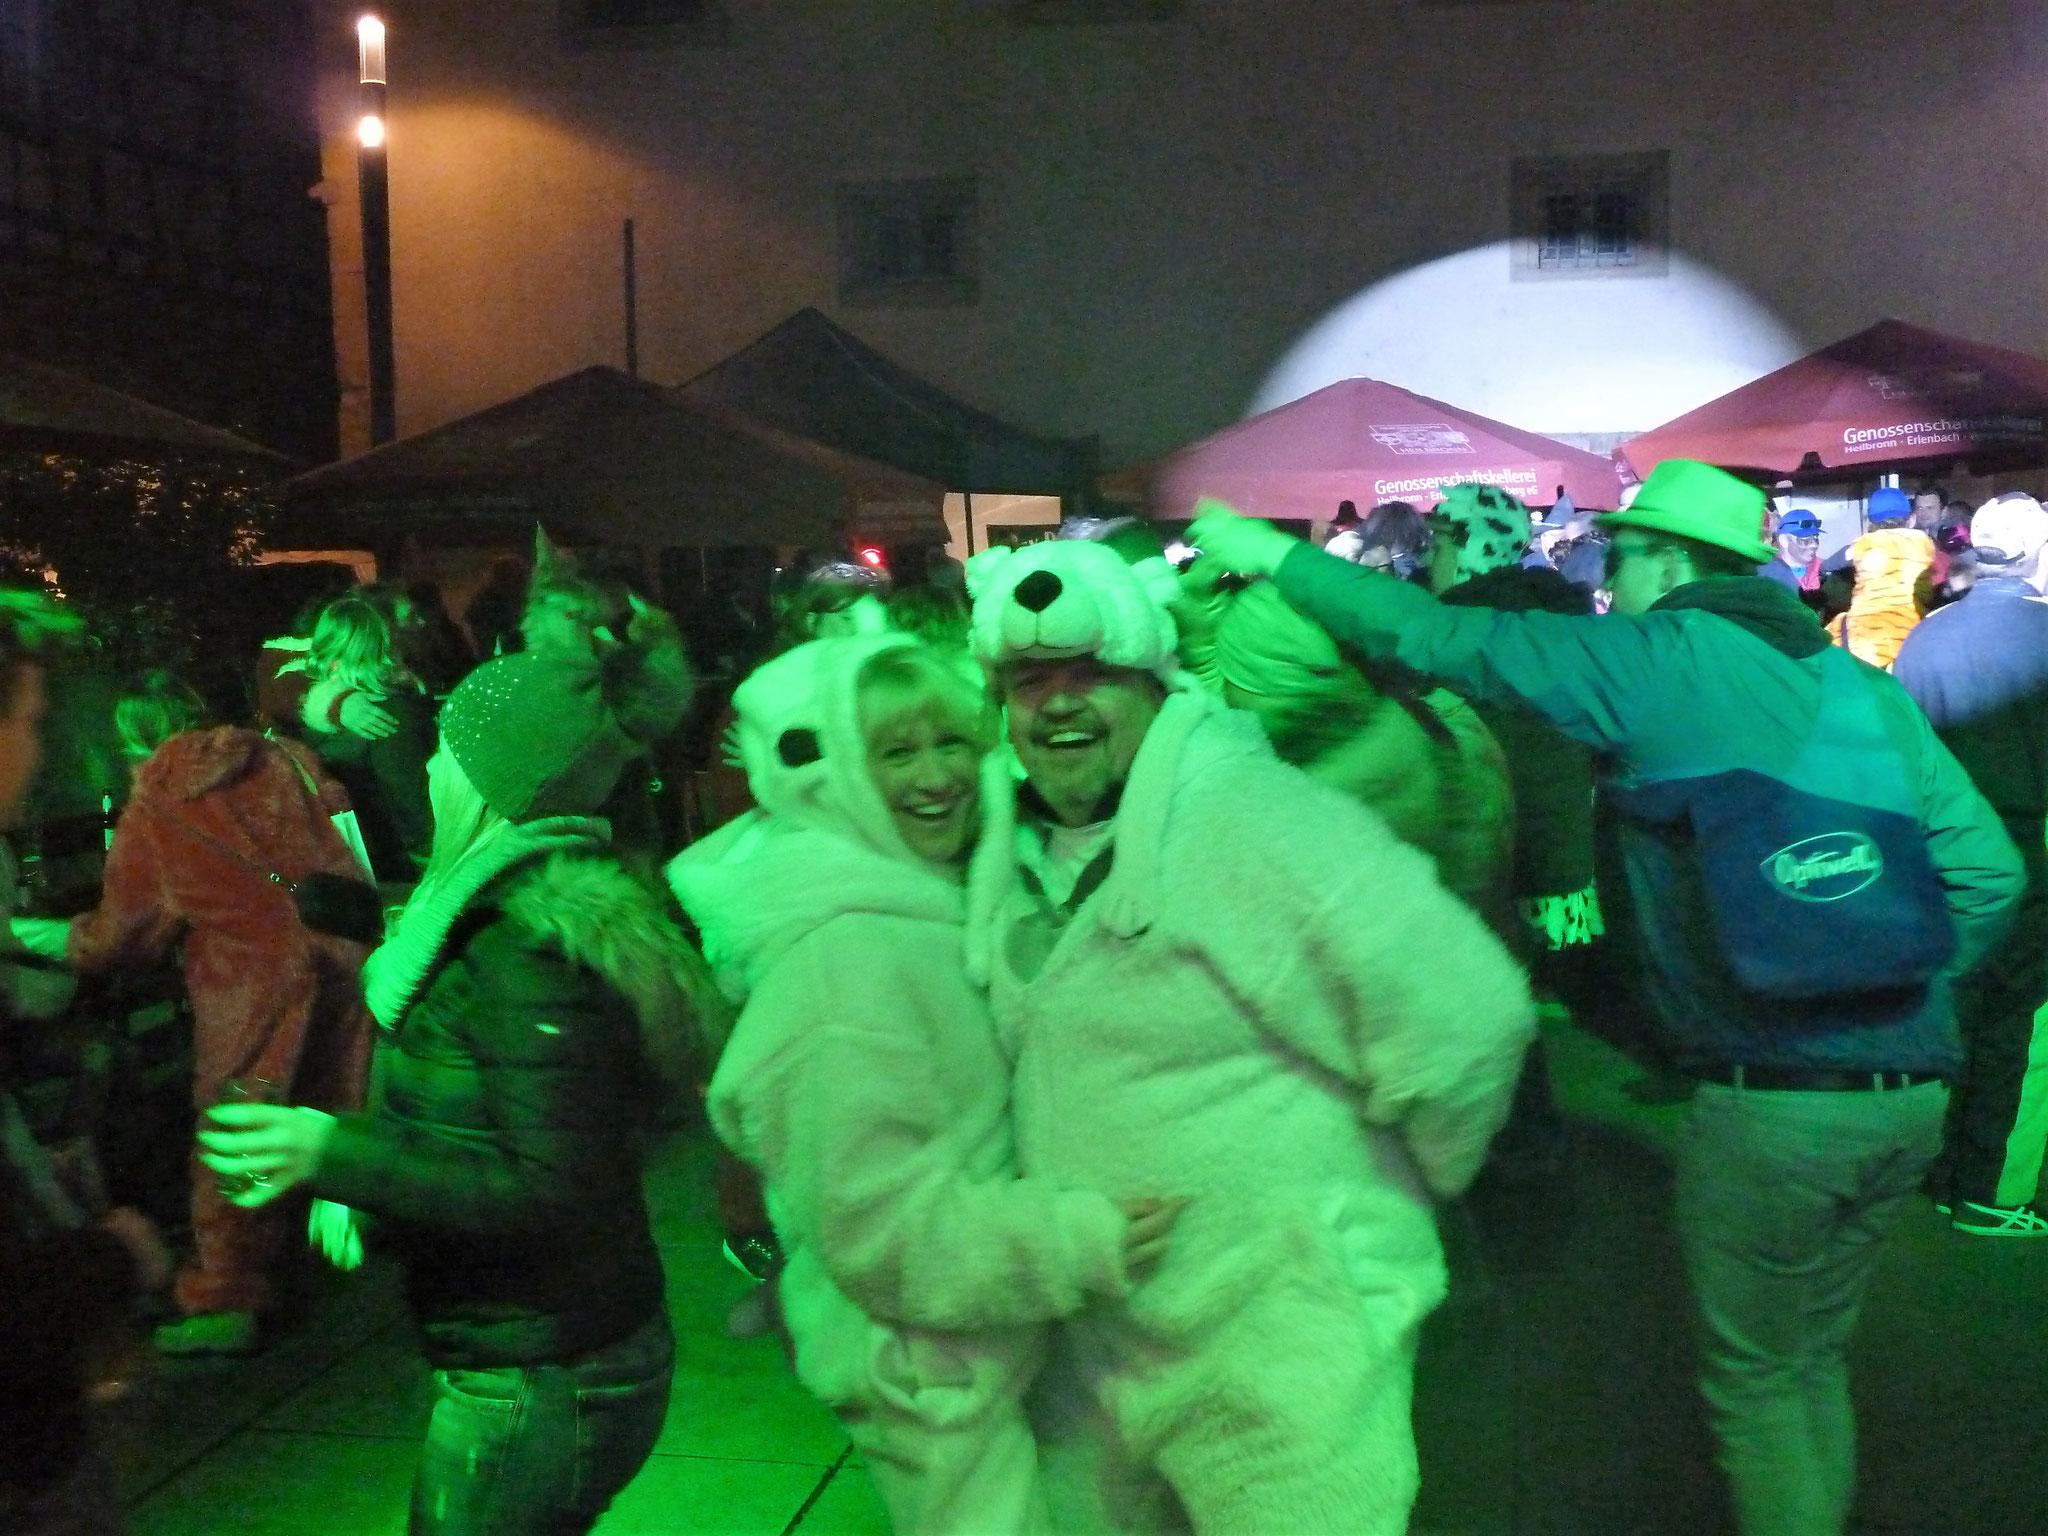 ...auch Eisbären können grün sein